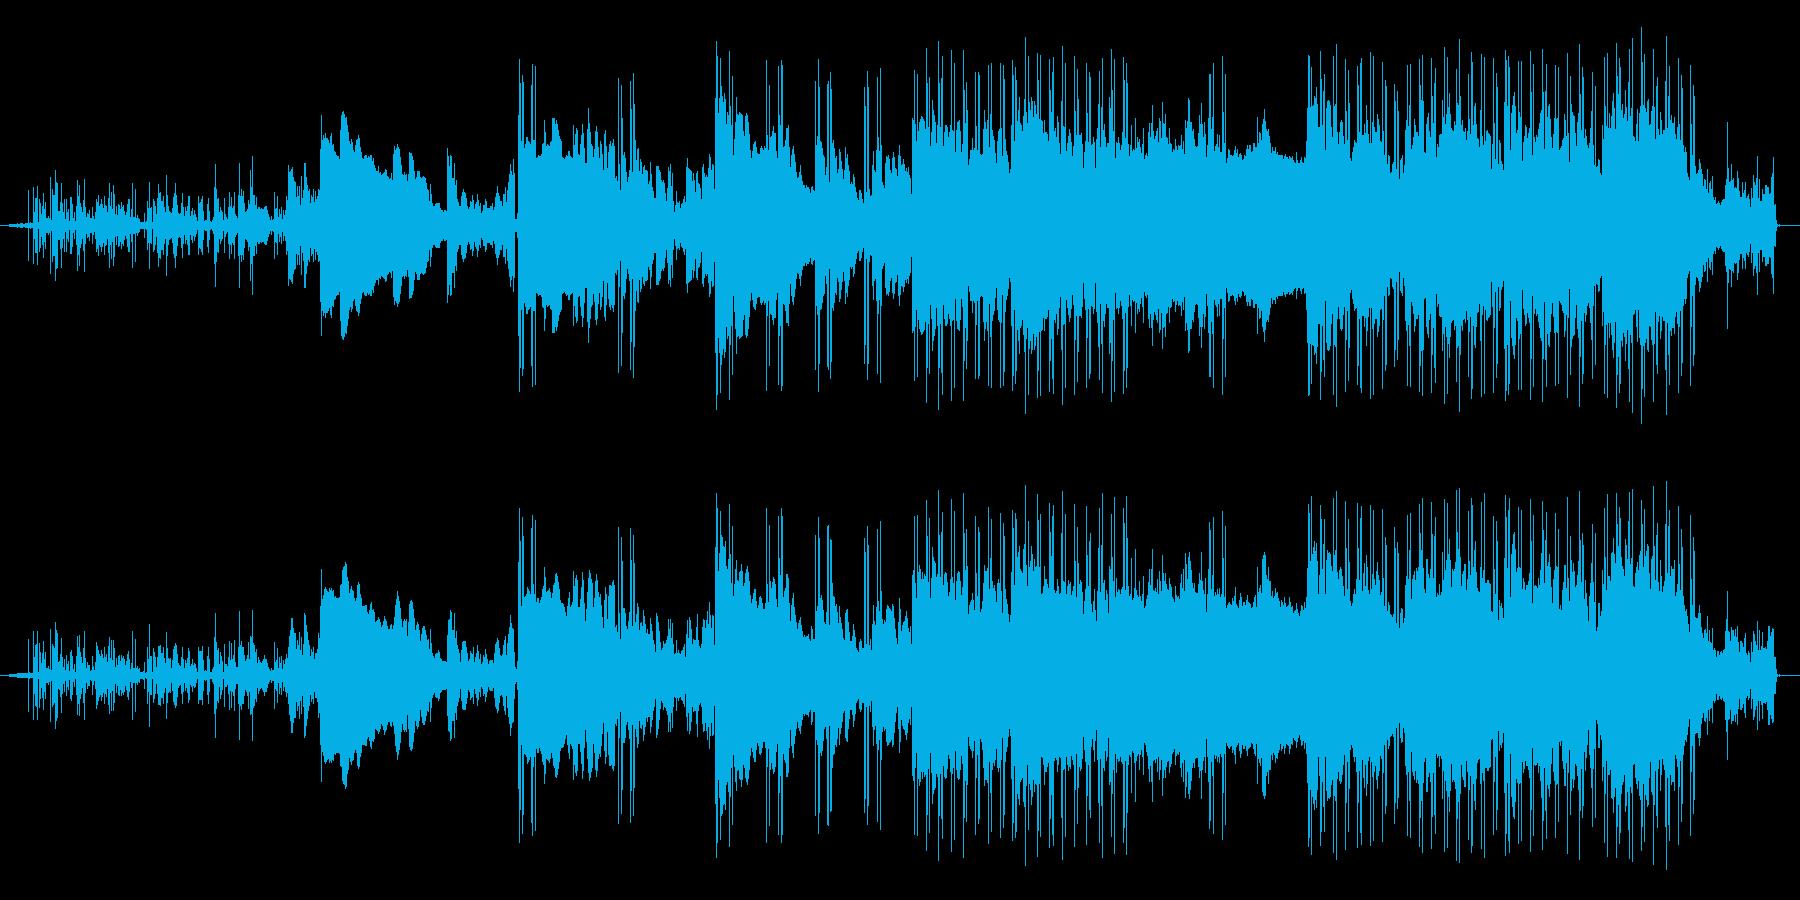 アンビエントな雰囲気が特徴の曲ですの再生済みの波形